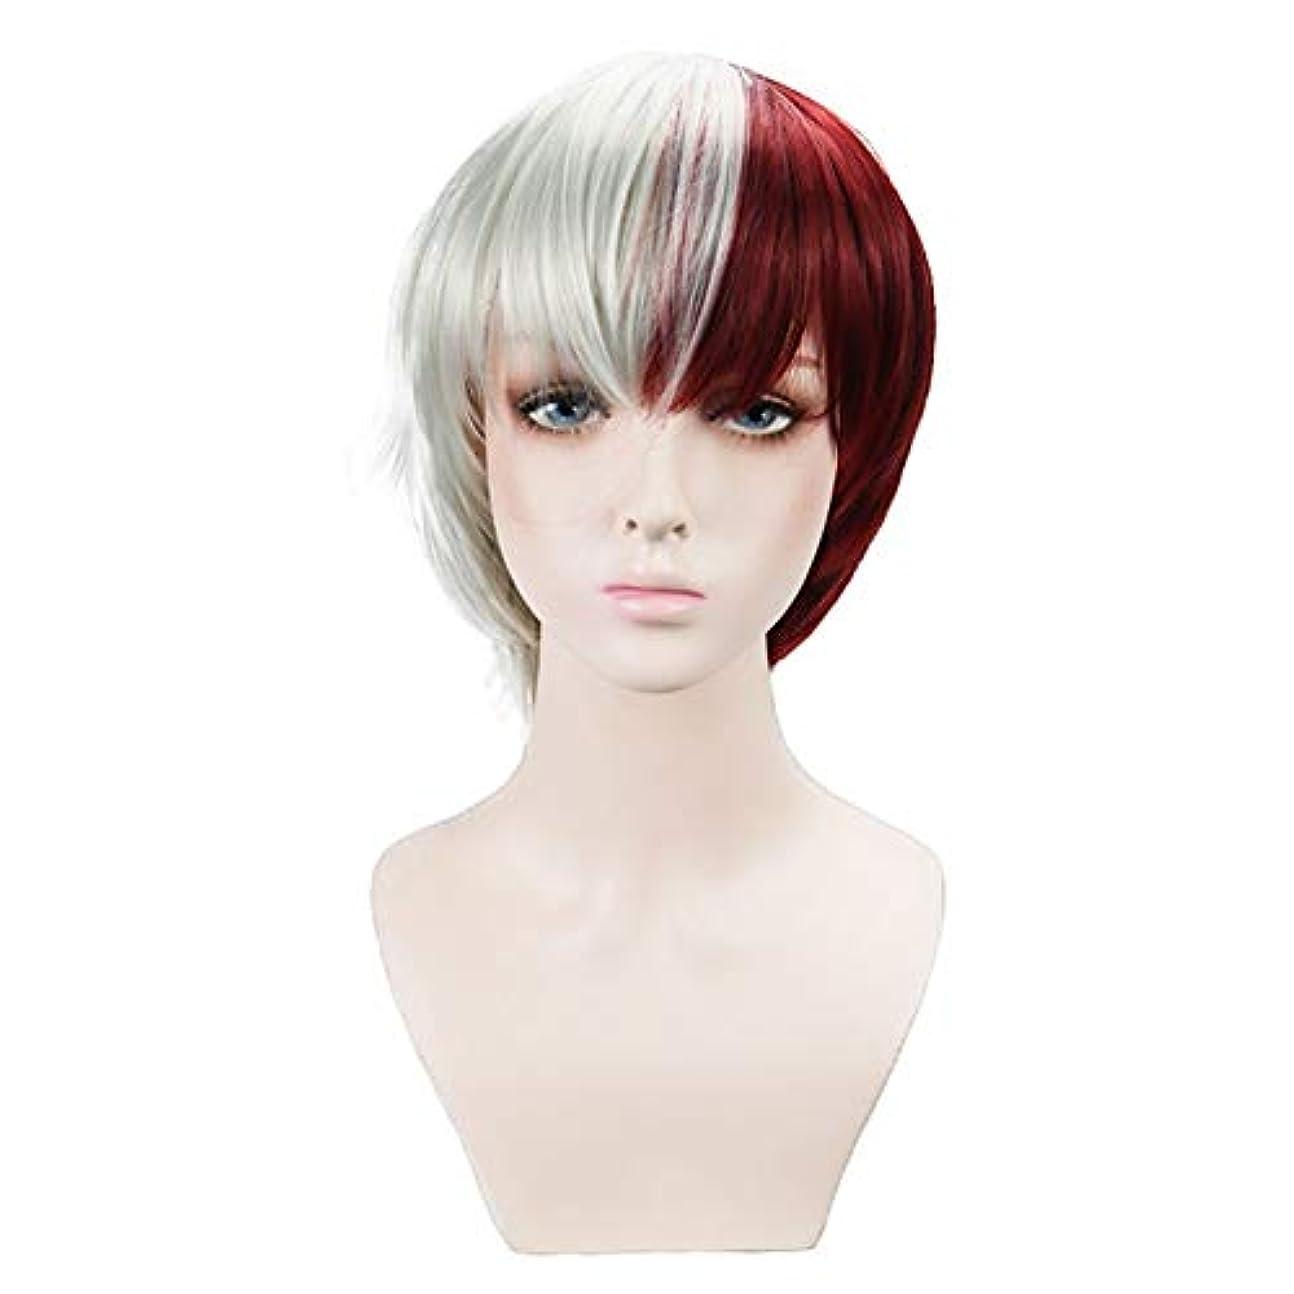 感動する驚不信アニメ赤と白の2色人工毛パーティーロールプレイかつらマット高温シルク反反りウィッグパーティーハロウィンコスチュームパーティー